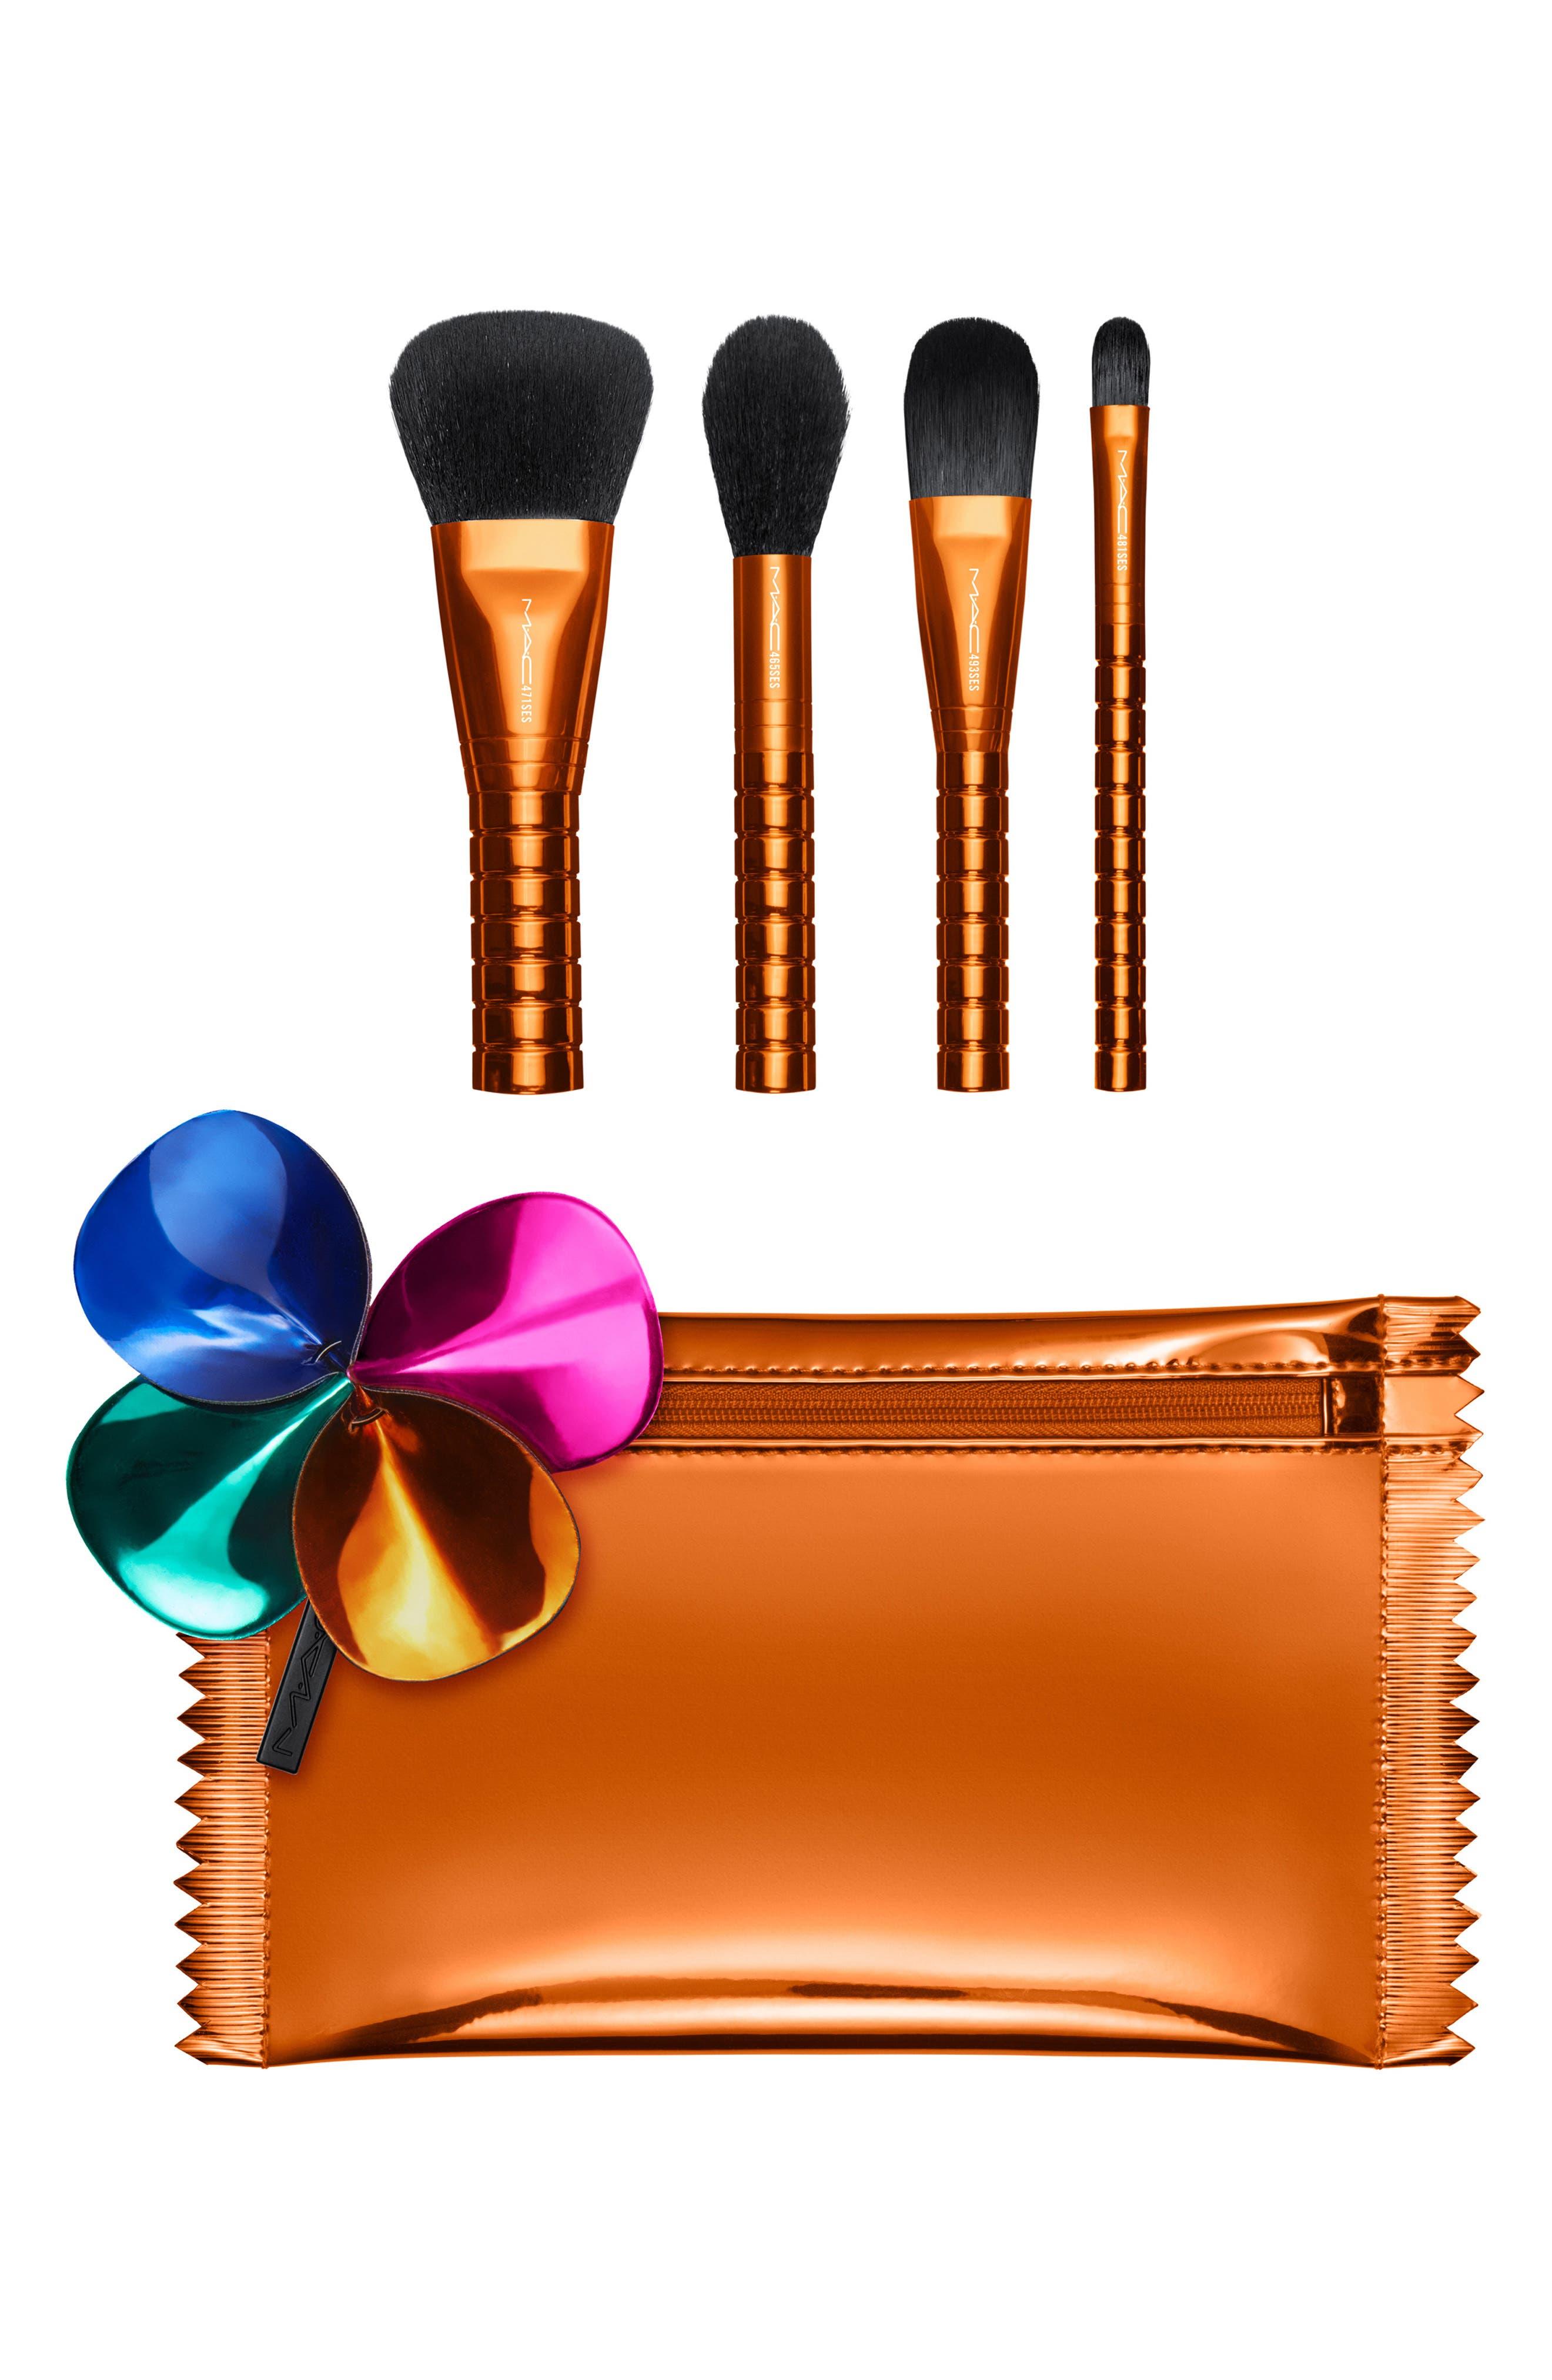 MAC Shiny Pretty Things Face Brush Kit,                             Main thumbnail 1, color,                             NO COLOR